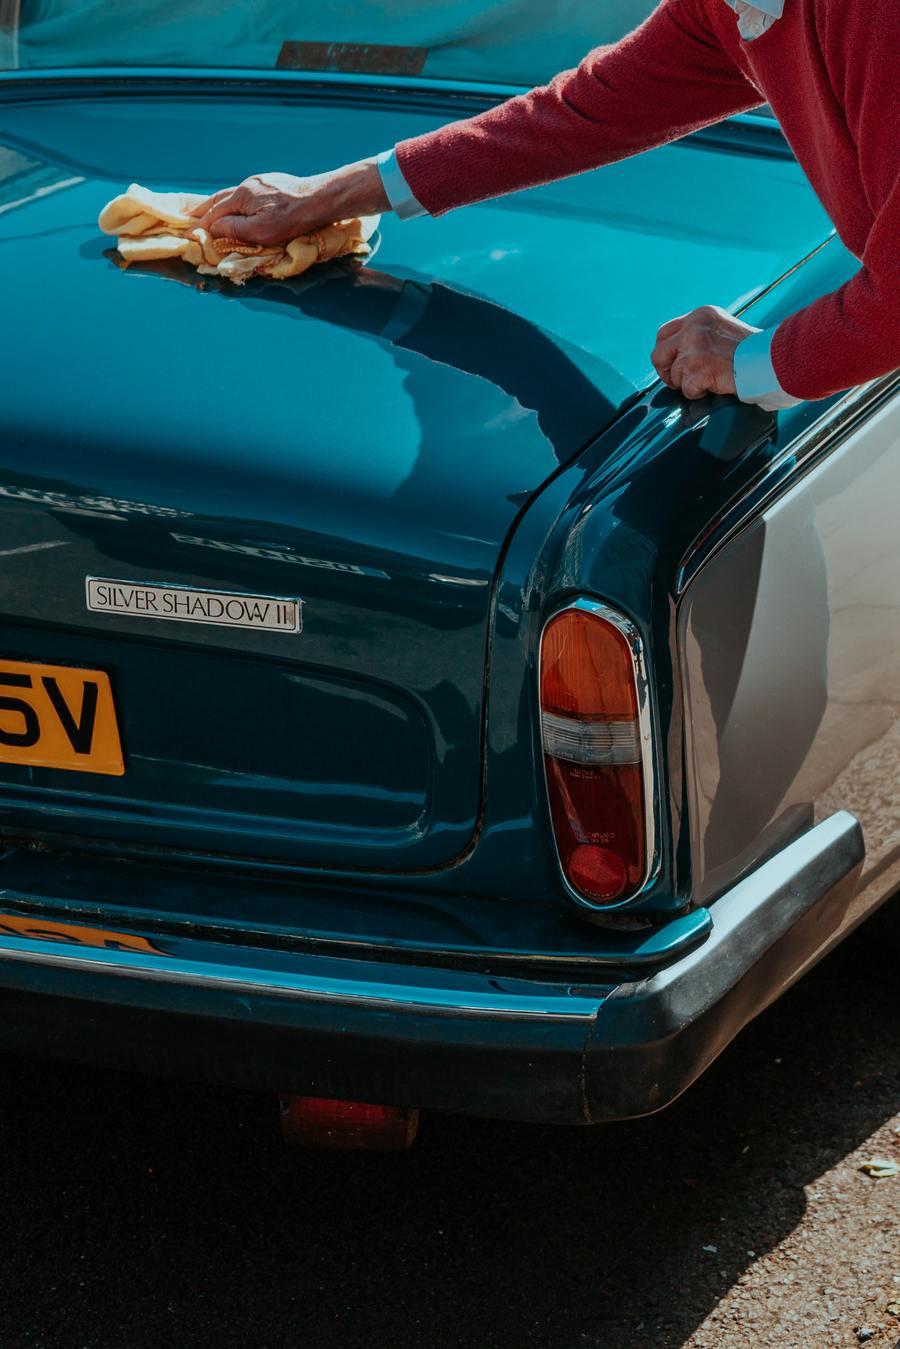 Uma pessoa encerando um carro